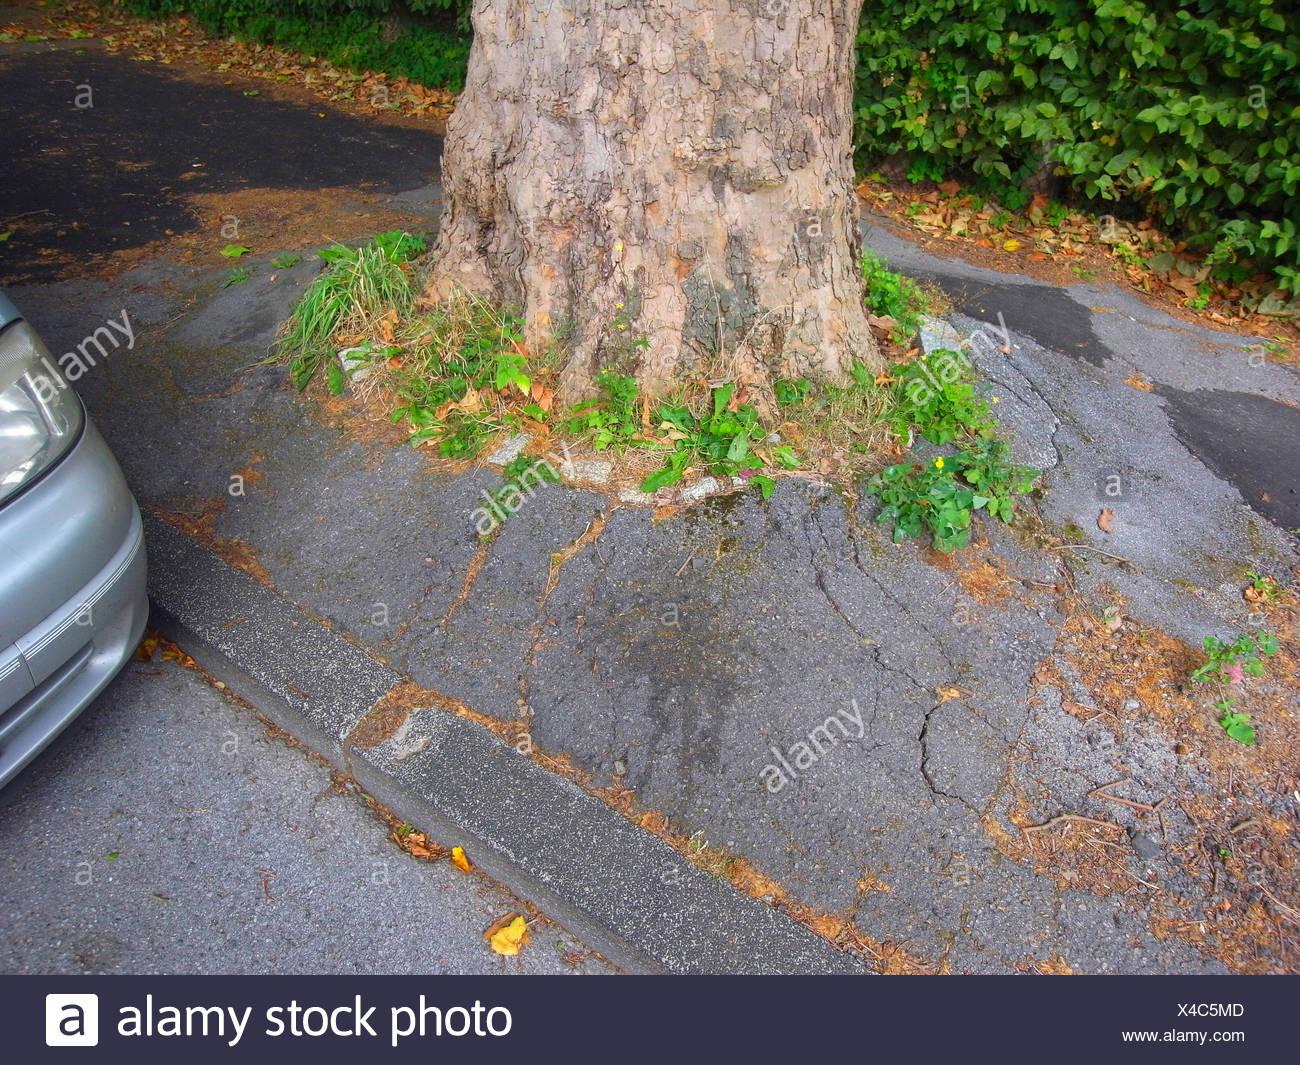 Las raíces del árbol abultamiento de superficie de asfalto, Alemania Foto de stock